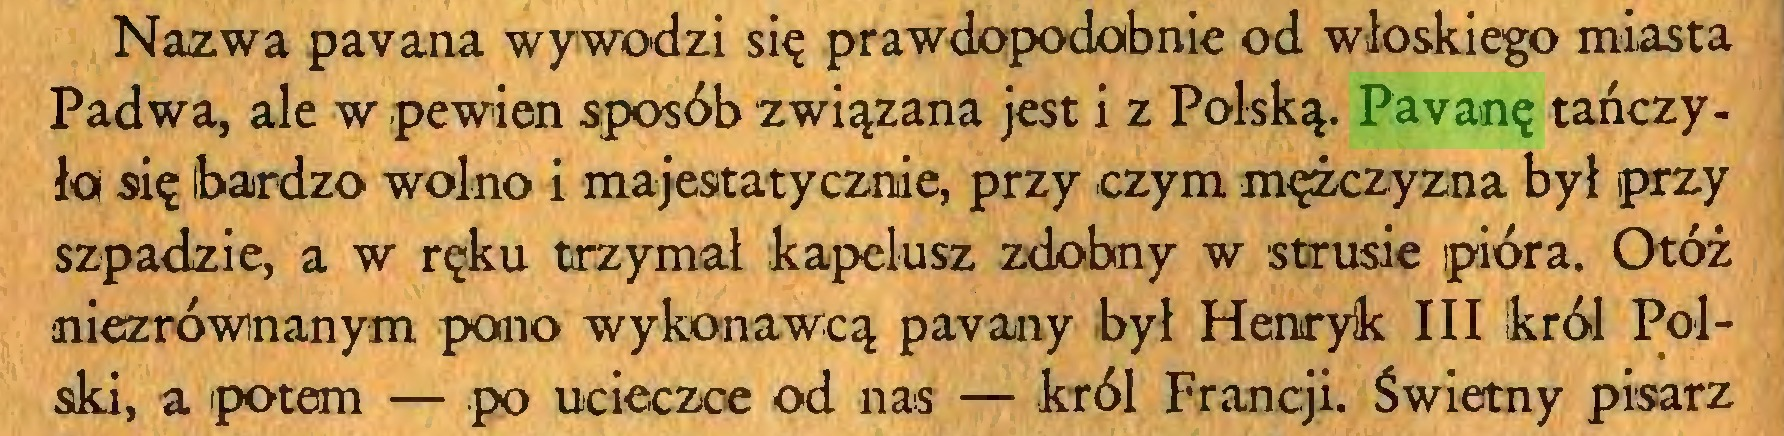 (...) Nazwa pavana wywodzi się prawdopodobnie od włoskiego miasta Padwa, ale w .pewien sposób związana jest i z Polską. Pavanę tańczyła się ibardzo wolno i majestatycznie, przy czym mężczyzna był przy szpadzie, a w ręku trzymał kapelusz zdobny w strusie pióra. Otóż niezrównanym pono wykonawcą payany był Henryk III Ikról Polski, a potem — po ucieczce od nas — król Francji. Świetny pisarz...